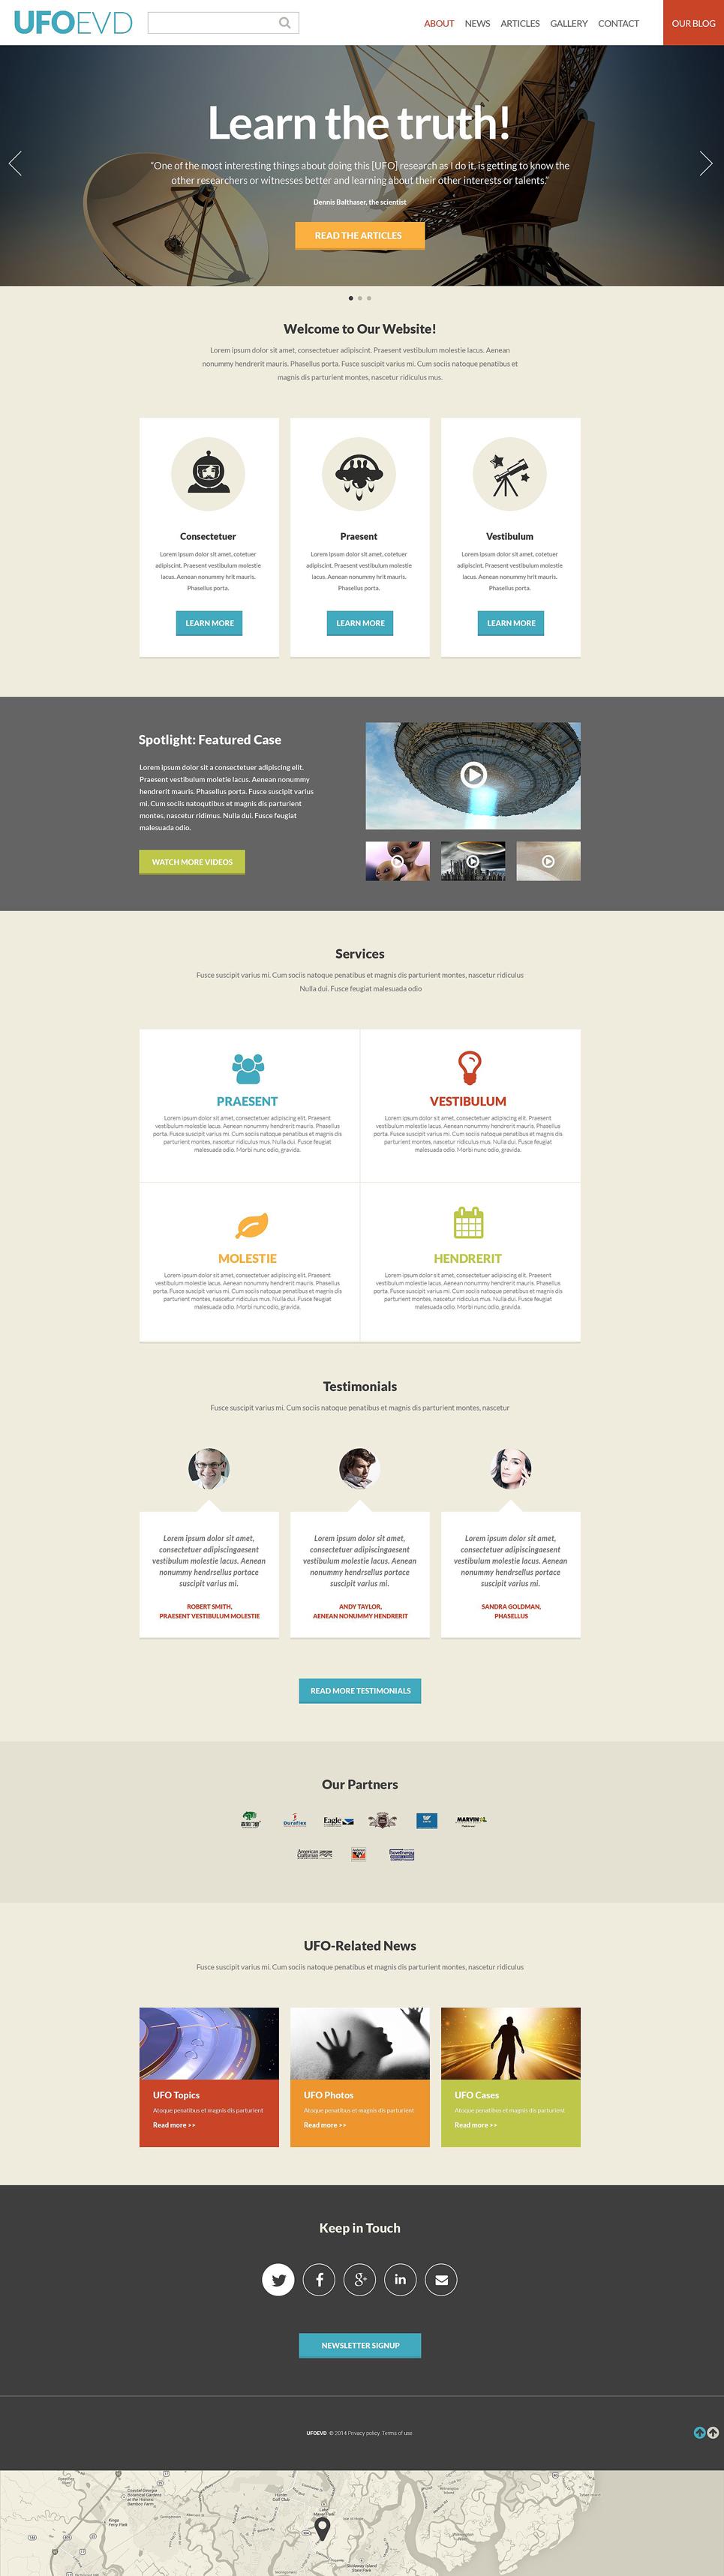 Адаптивные шаблоны сайтов html5 css3 бесплатно - 7fc9